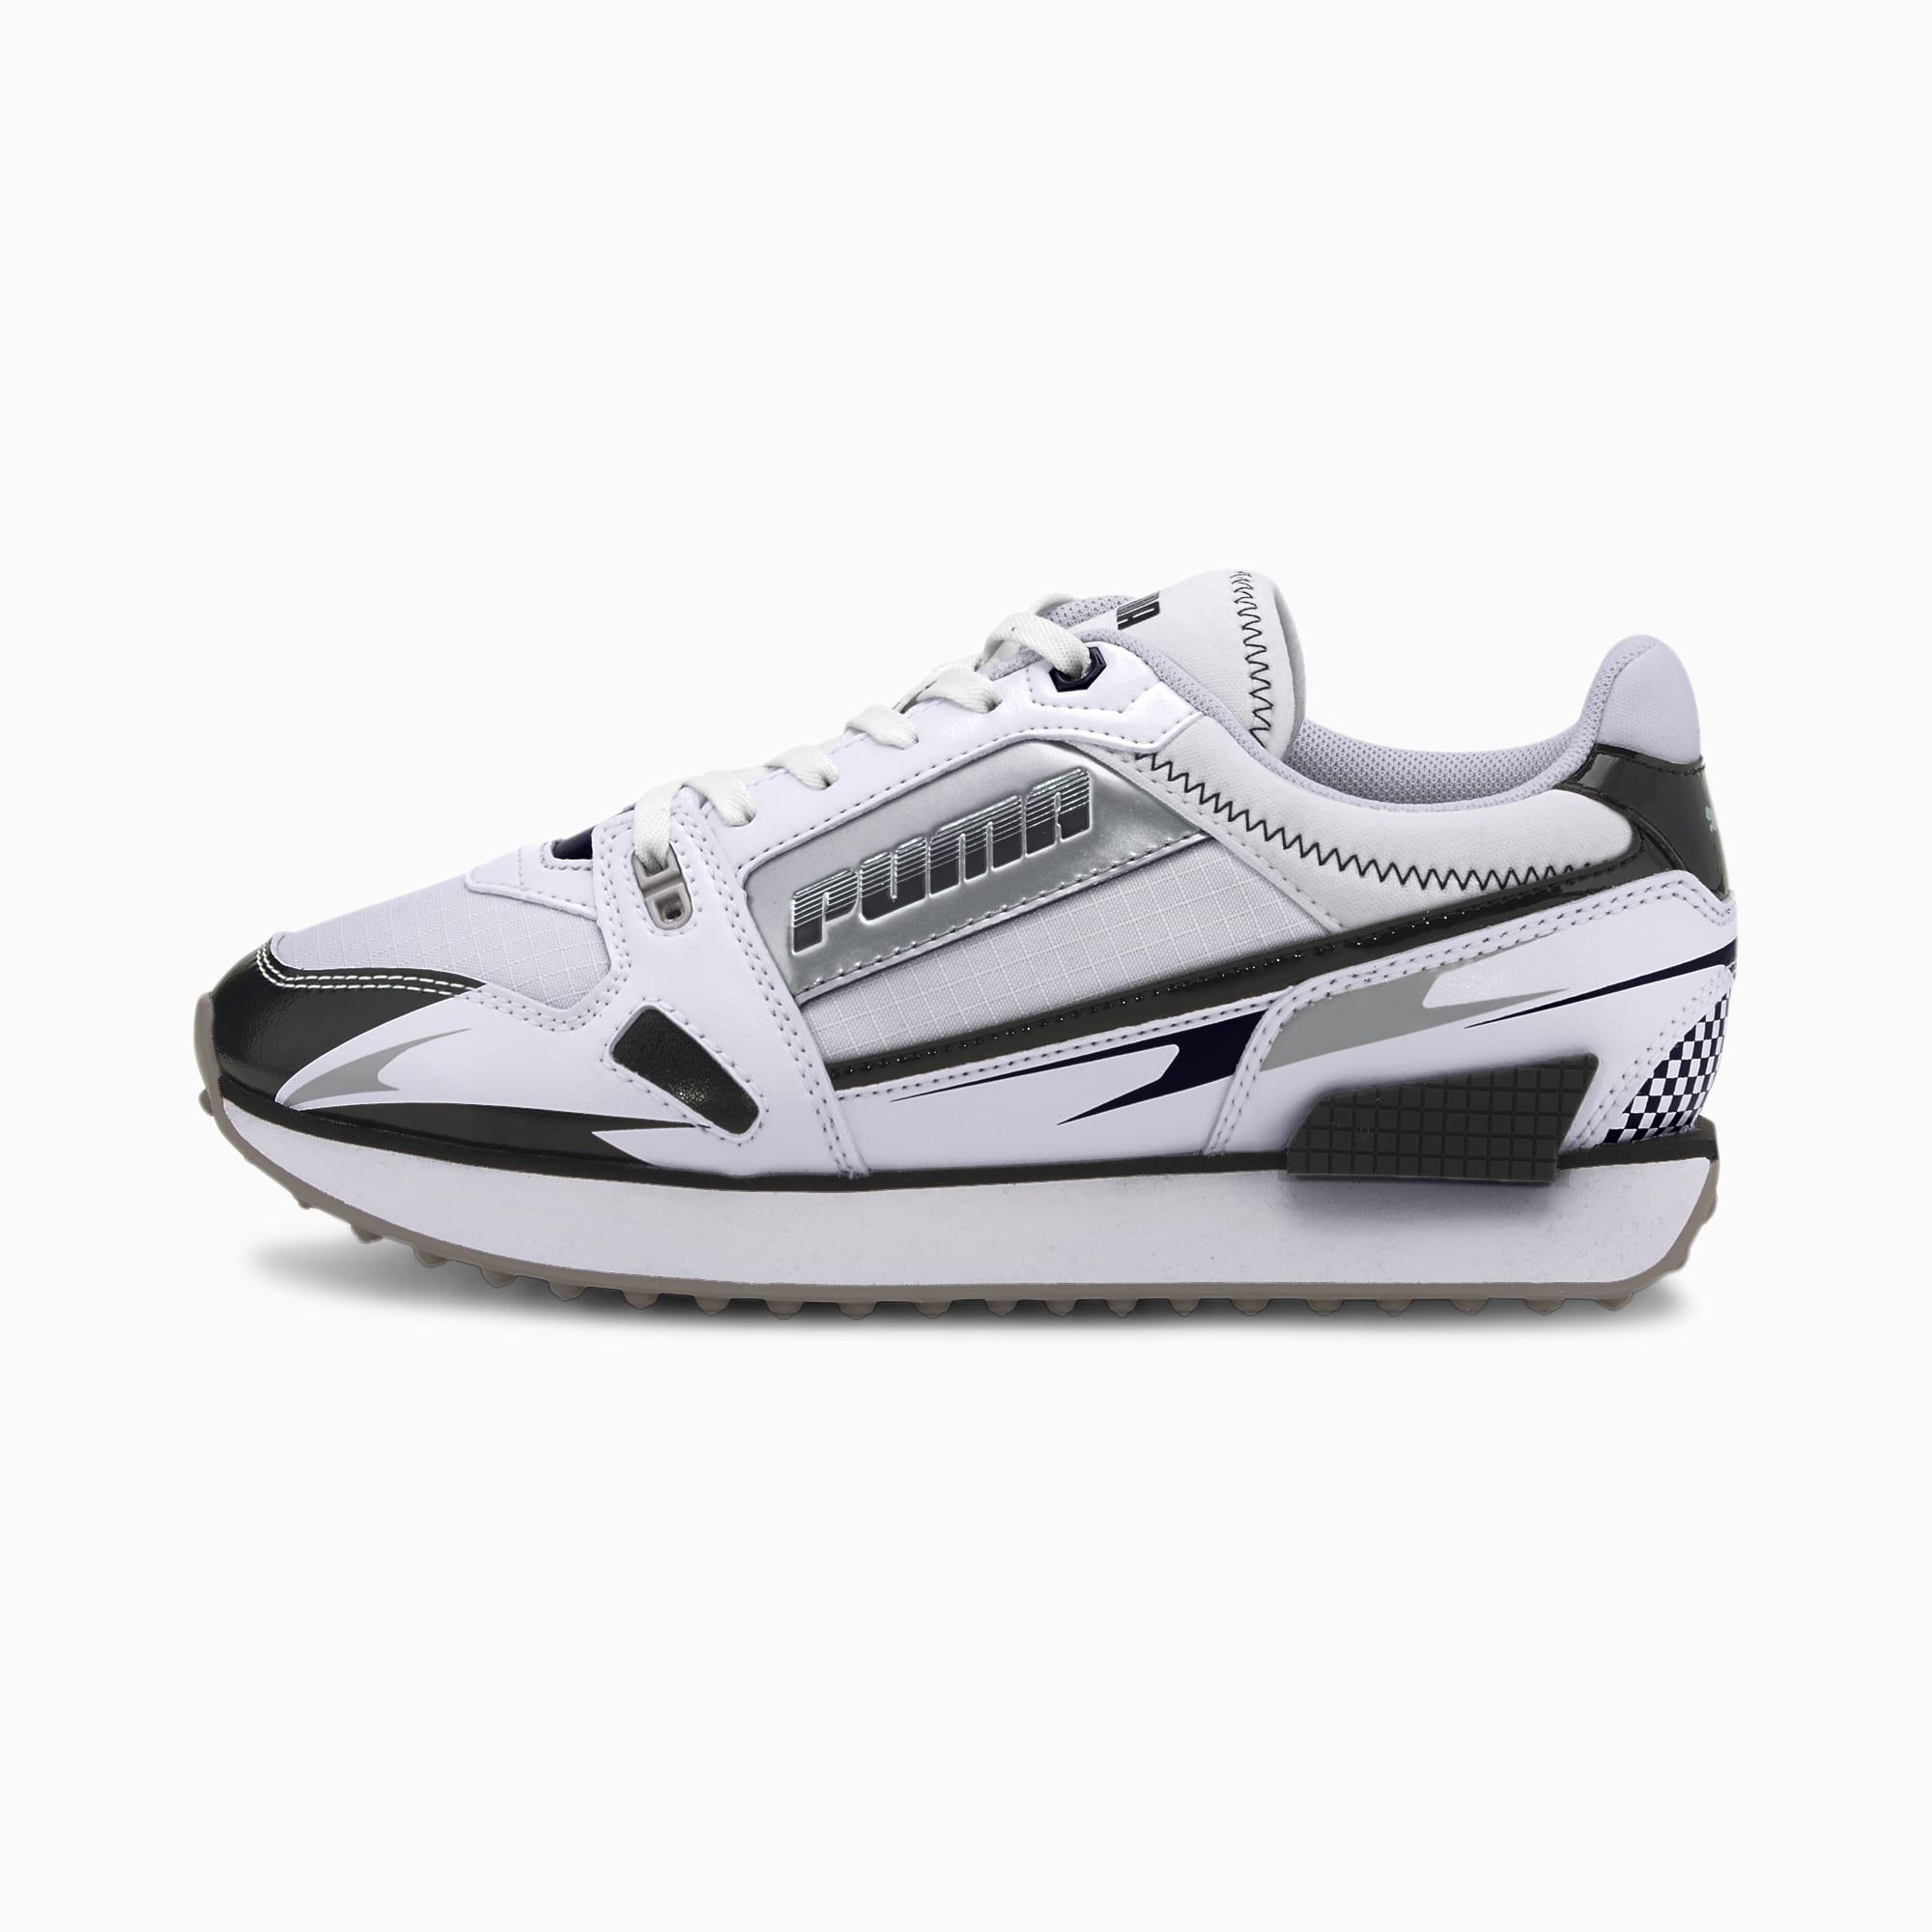 Image of PUMA Mile Rider Sunny Getaway Damen Sneaker Schuhe | Mit Aucun | Weiß/Schwarz | Größe: 39